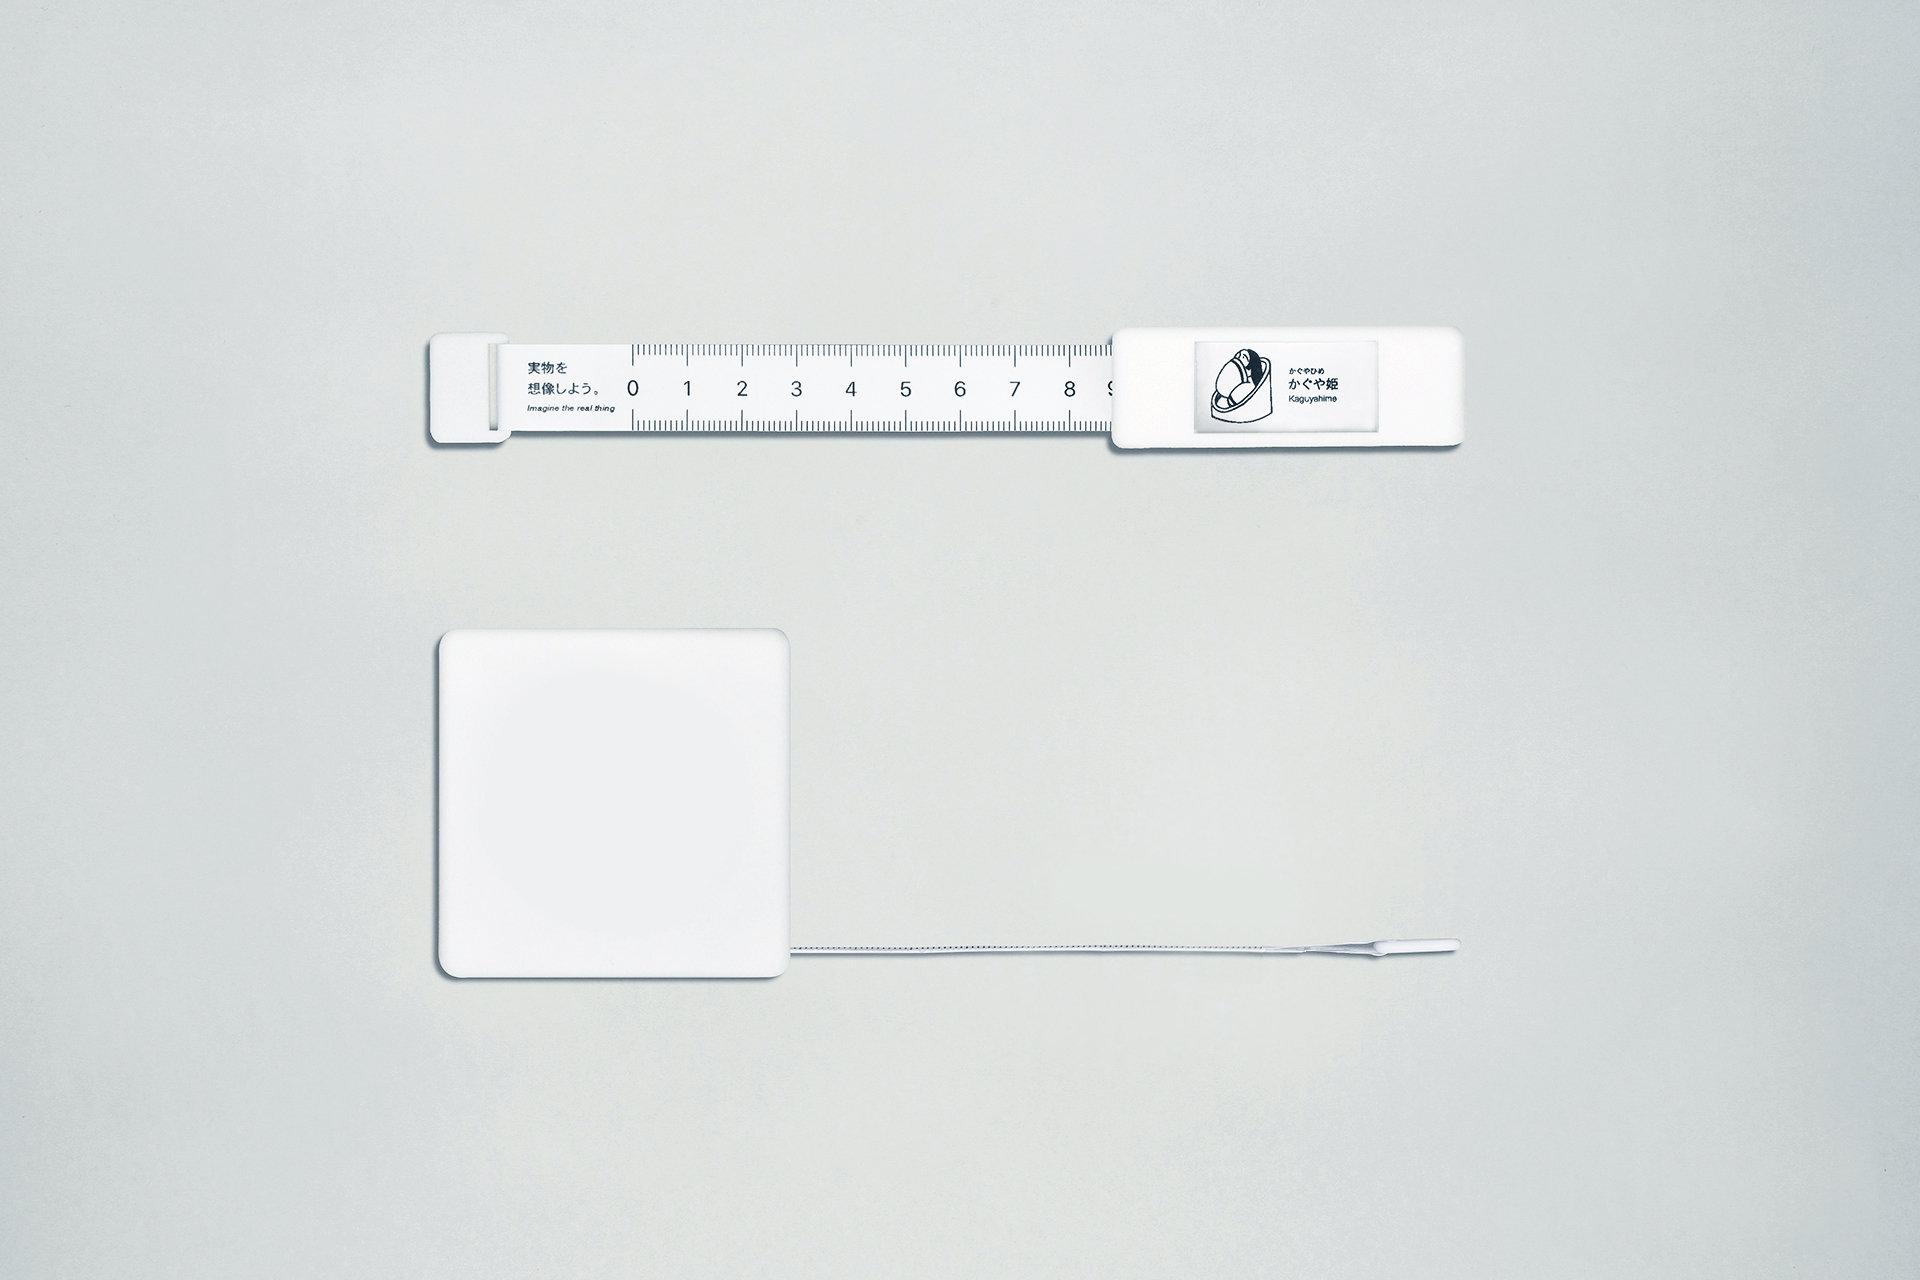 想像メジャー / Imaginary Tape Measure